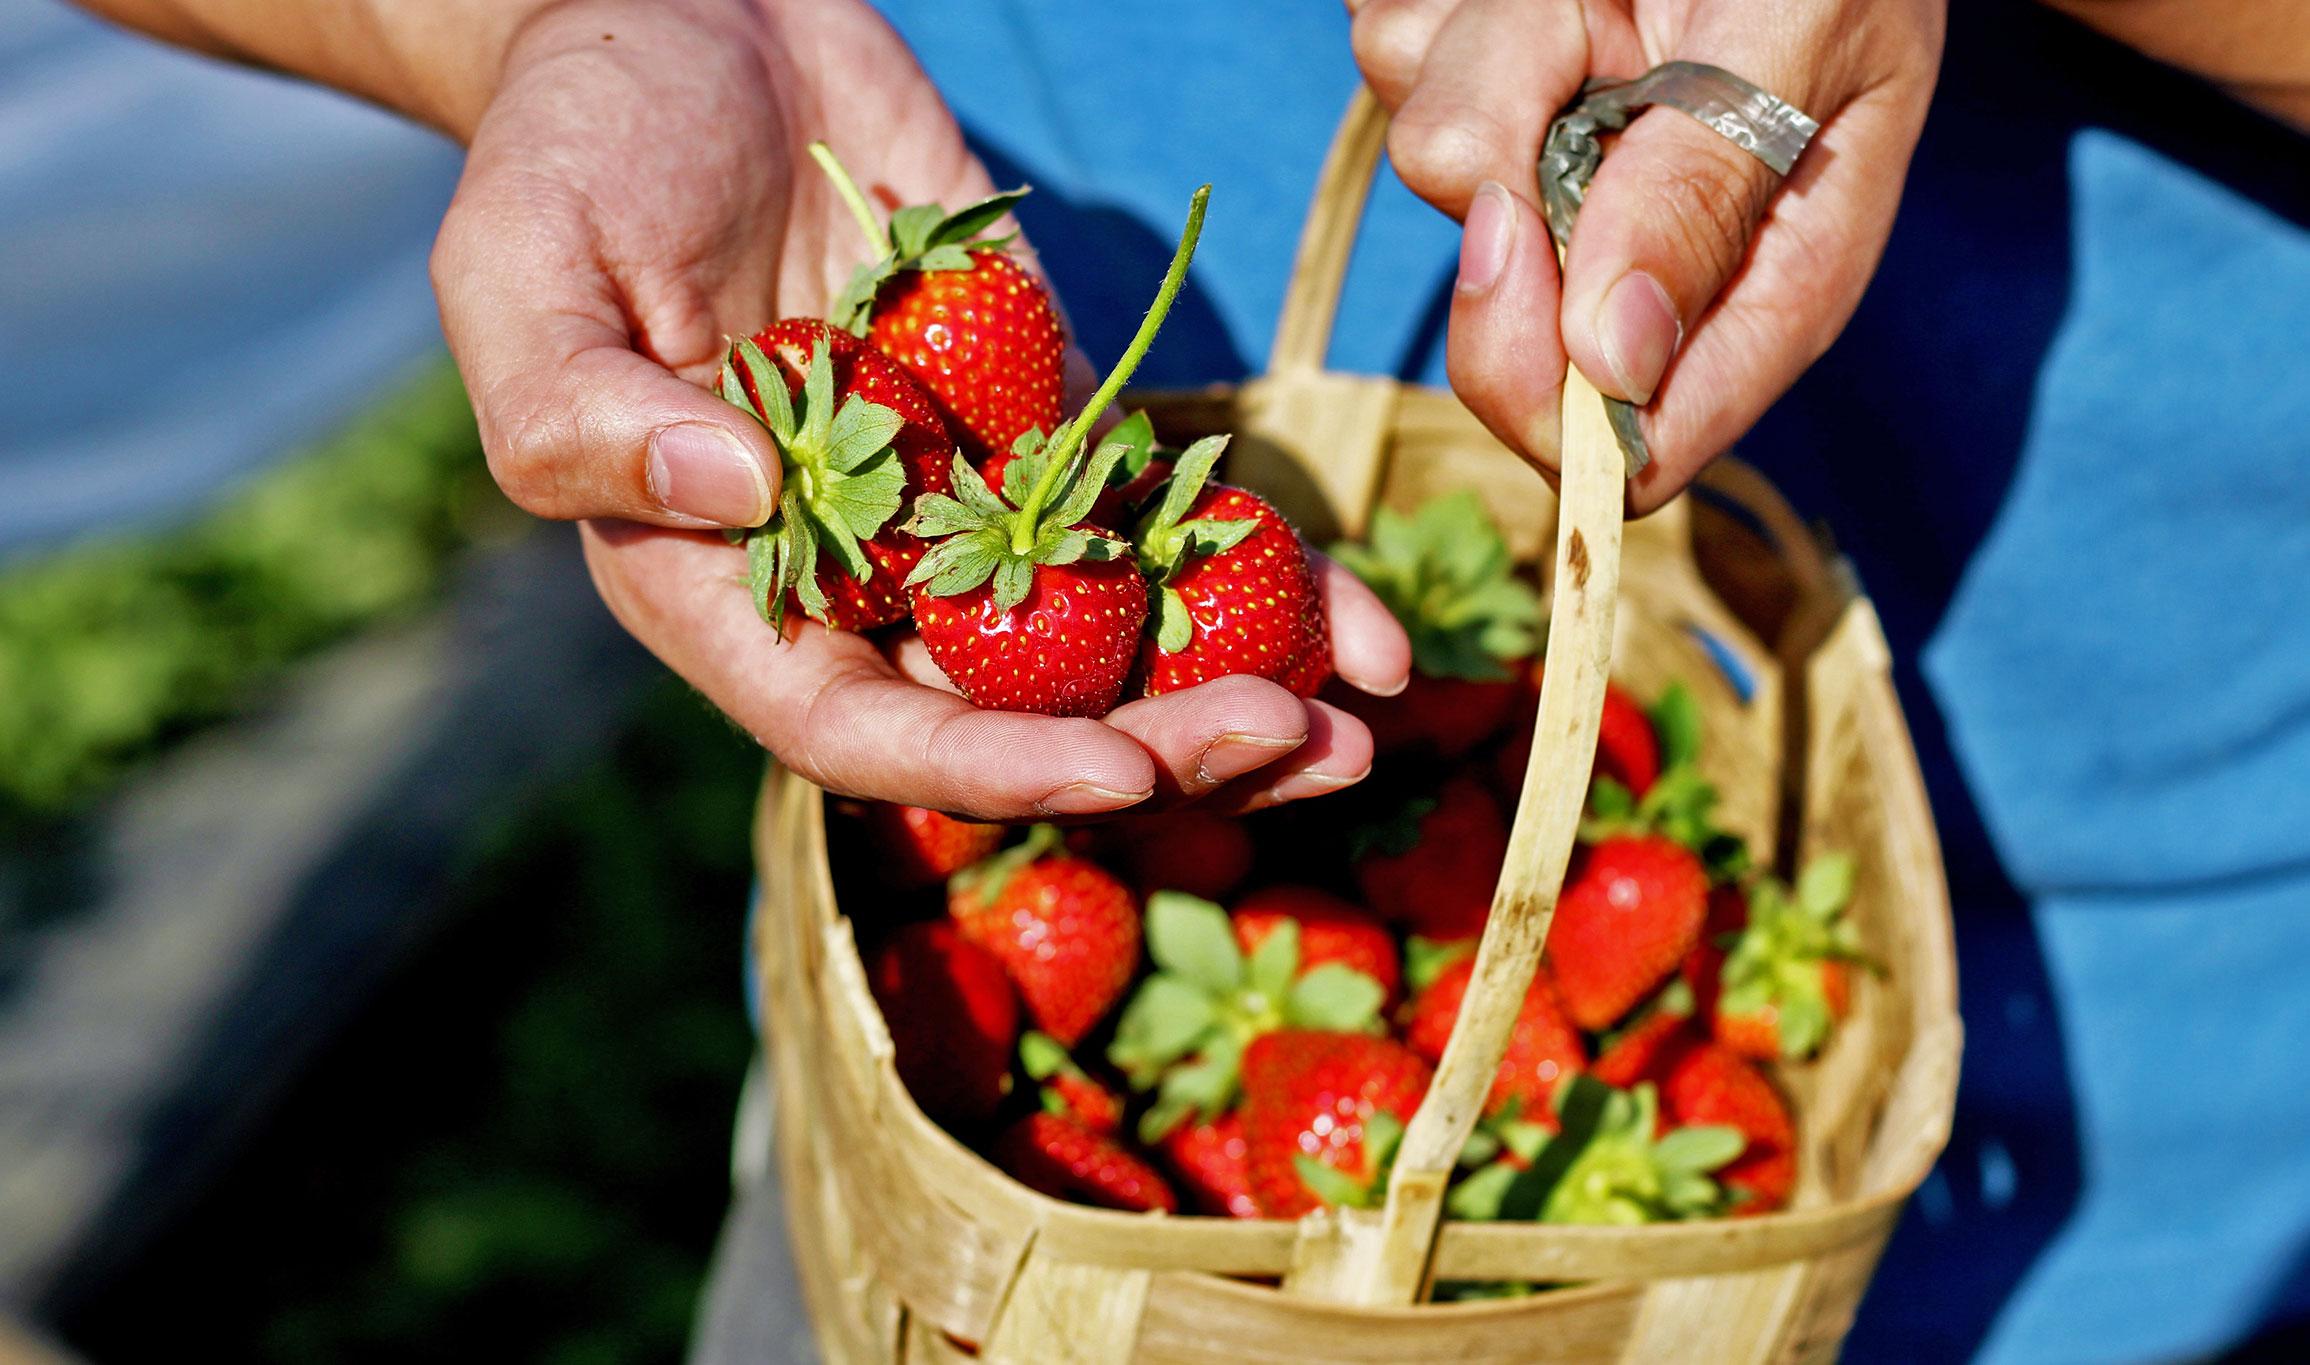 Fresh strawberries from Benguet